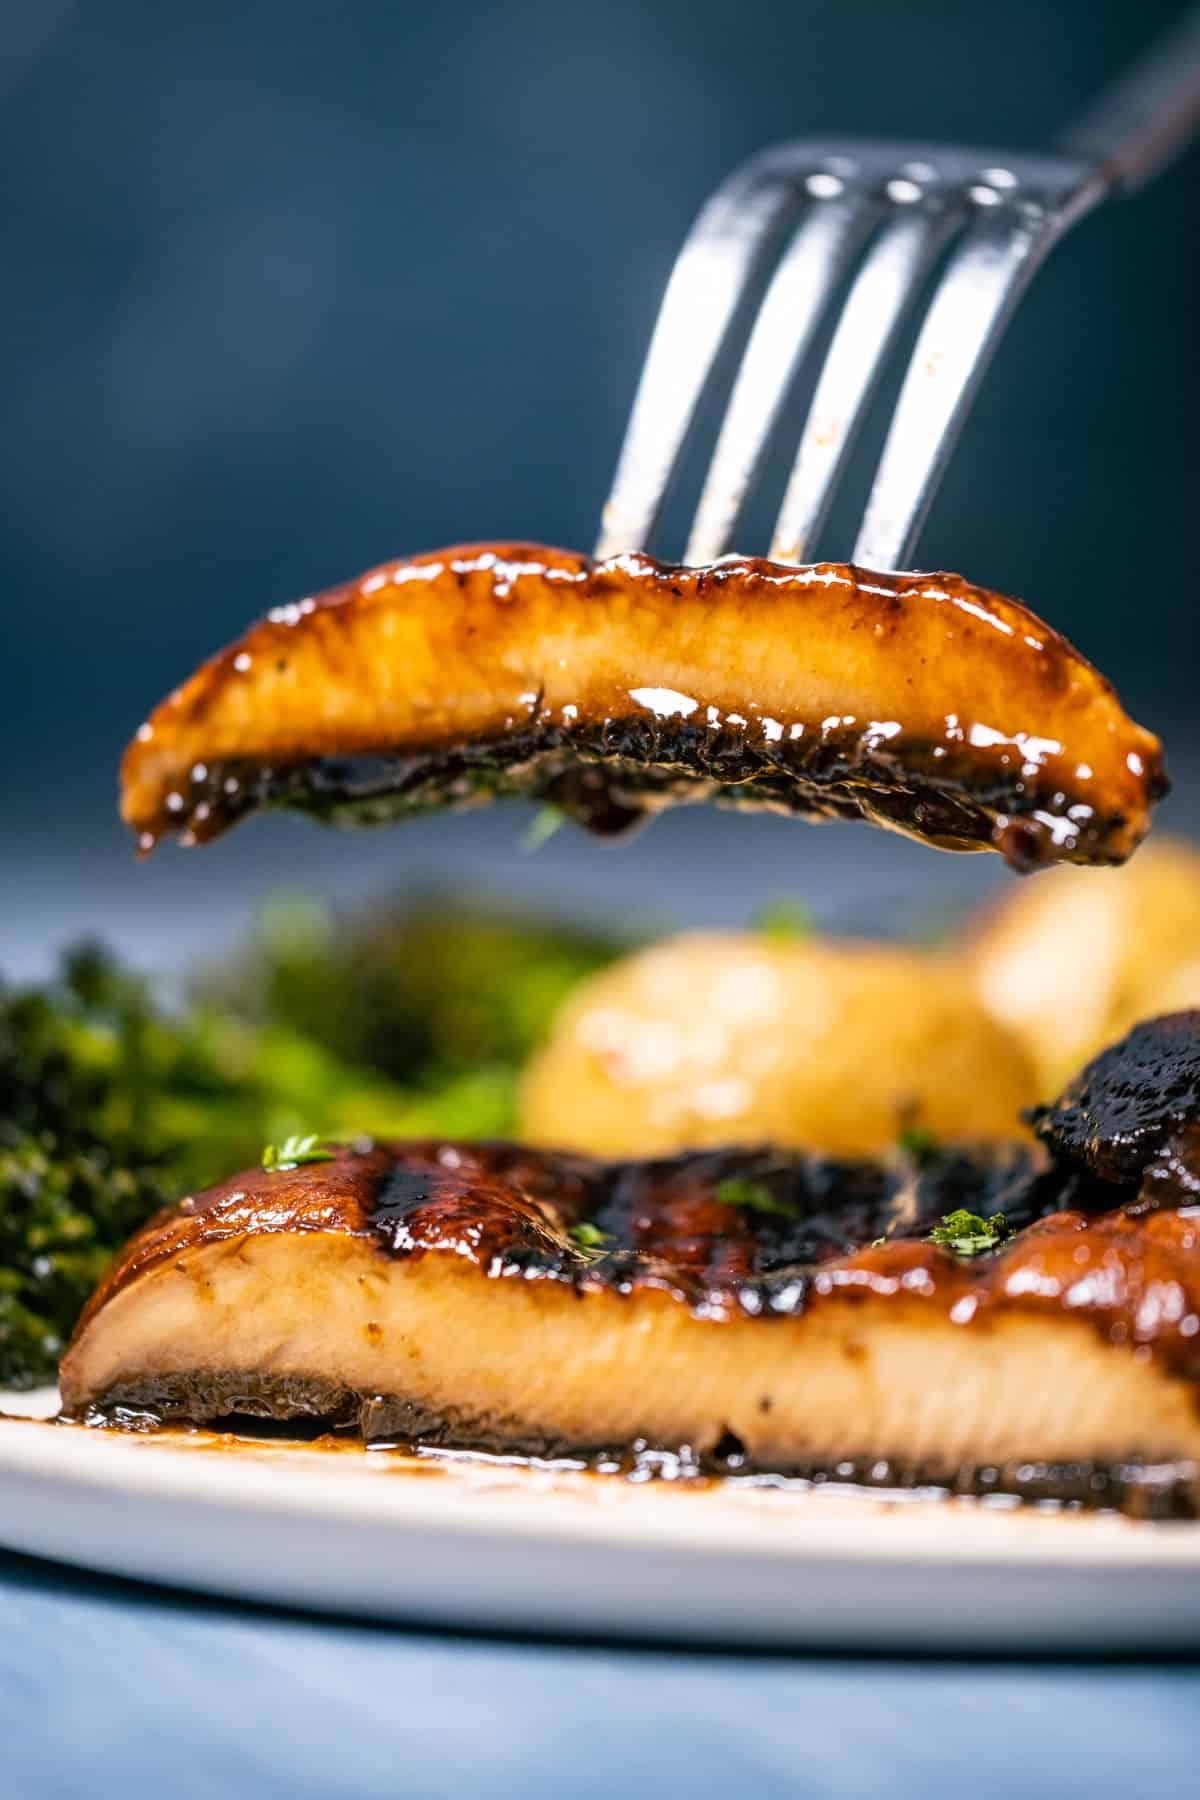 Slice of portobello mushroom steak on a fork.